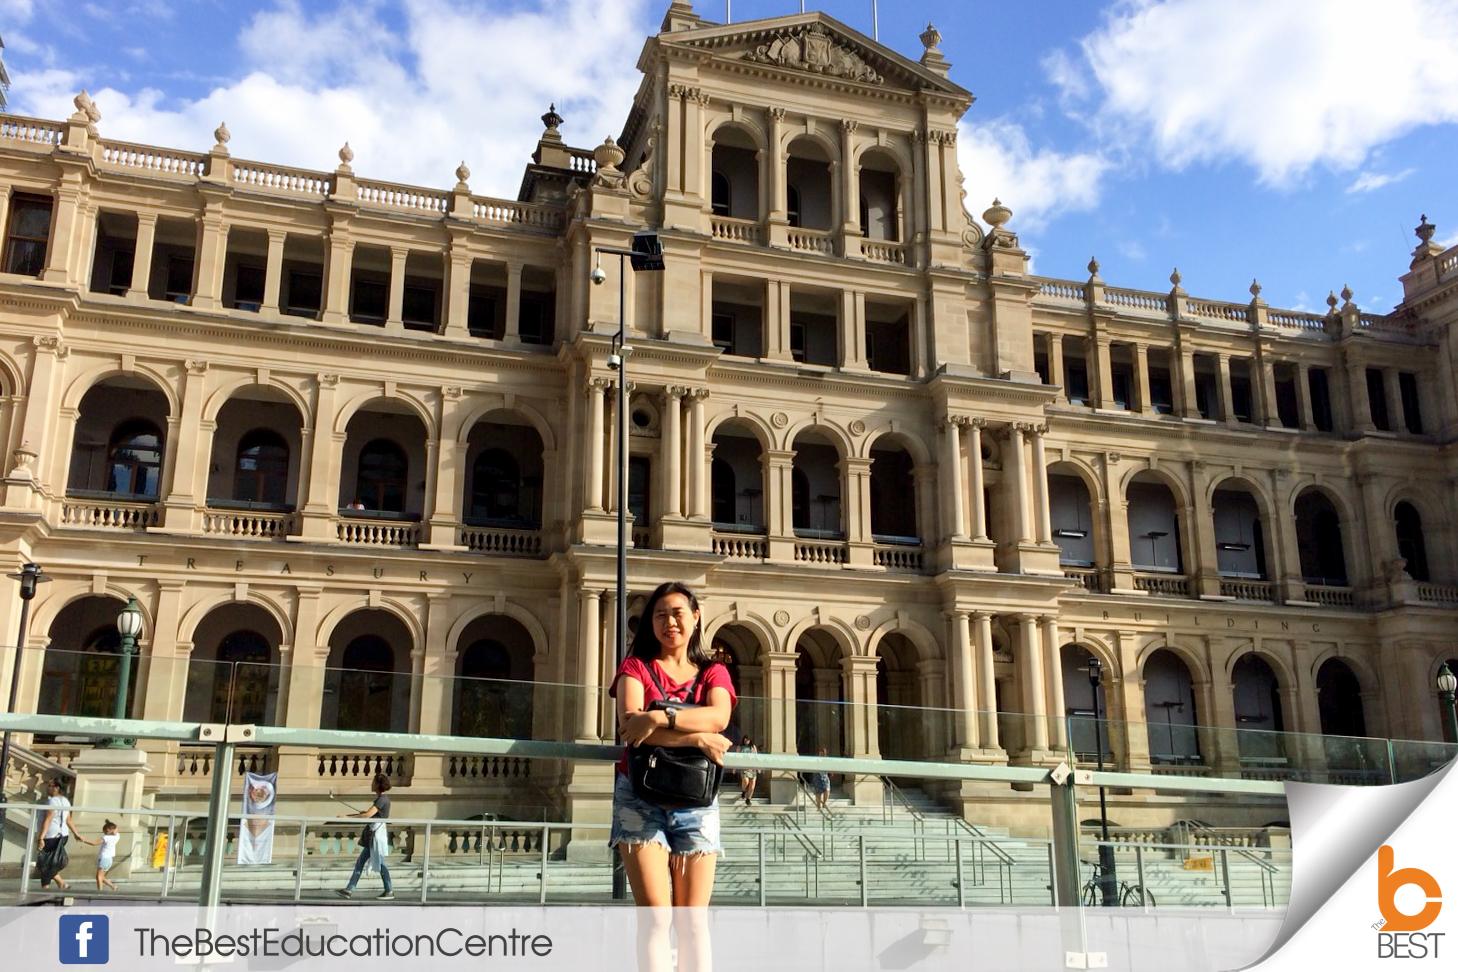 น้องแพน เรียนต่อออสเตรเลีย ท่องเที่ยว เดอะเบสท์  Australia Brisbane Gold Coast โกลด์โคสต์ บริสเบน วีซ่าออสเตรเลีย ชีวิตเด็กนอก เรียนต่อต่างประเทศ